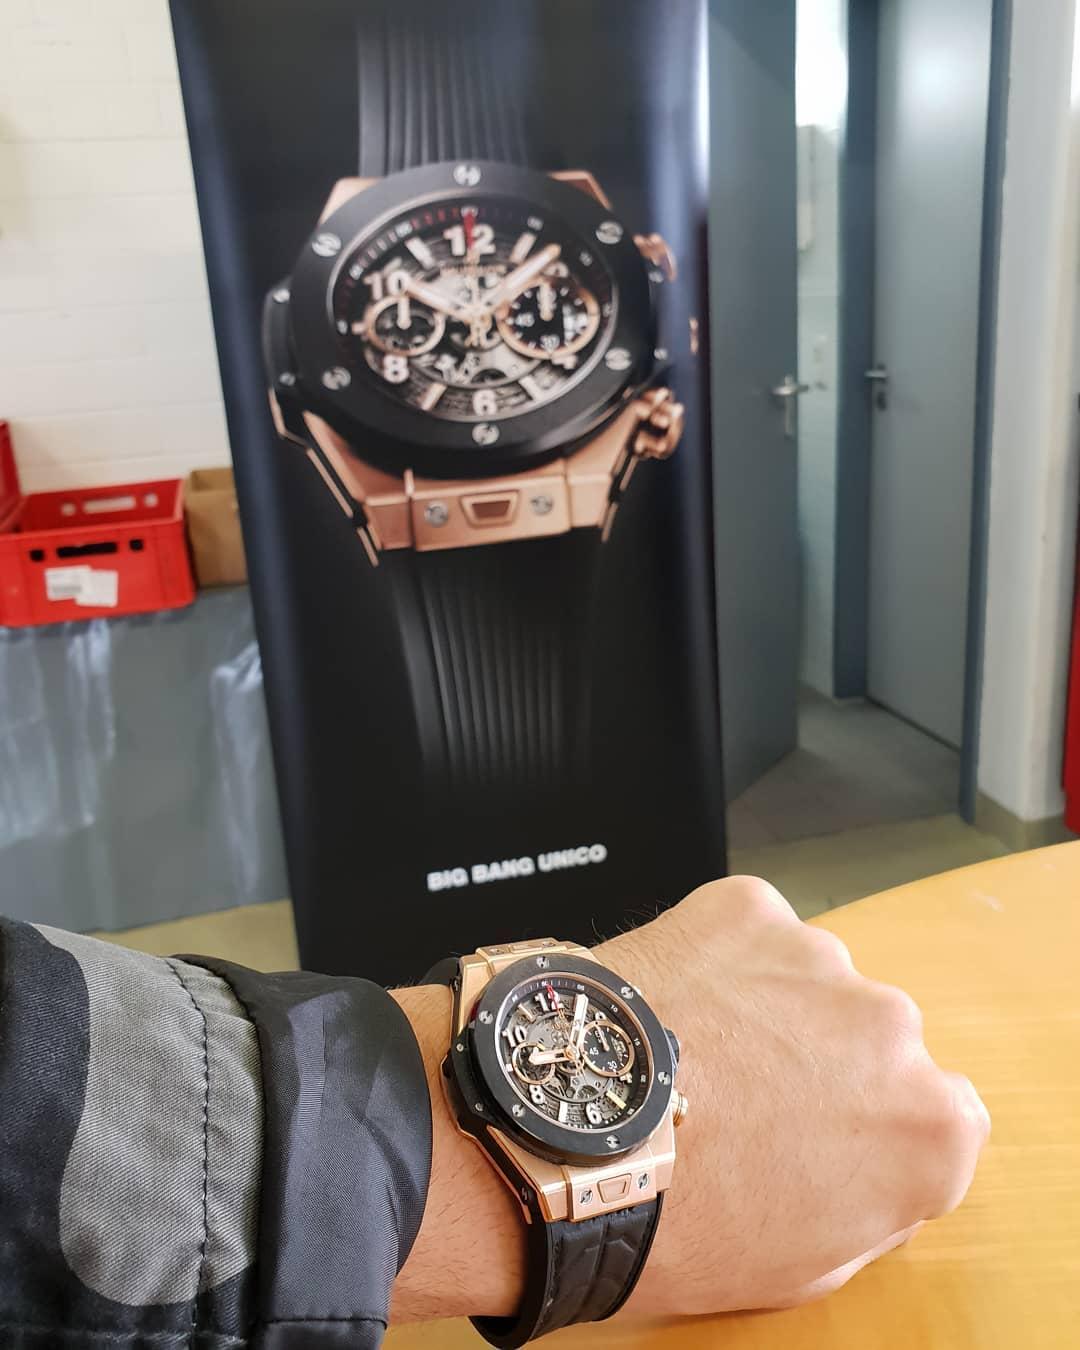 Man könnte vom Preis der Uhr 5-6 Jahre Miete zahlen, sich nen schicken Neuwagen kaufen oder 10x fett Urlaub machen mit seinem Babe… doch dann könnte man auch nie vor einem Aufsteller auf einem VIP Event stehen und so ein bosshaftes Foto machen😎 … ach wisst ihr was, ich nehme lieber die Uhr… und zwei Neuwagen, hole mir gleich ein Haus und habe das Ganze Jahr über Urlaub😉😁 . #hublot #luxury #lifestyle #berlin #rich #famous #pornstar #vip #event #bigbang #unico #gold #luxus #uhr #watch #bosslife #bosshaft #berlinstagram